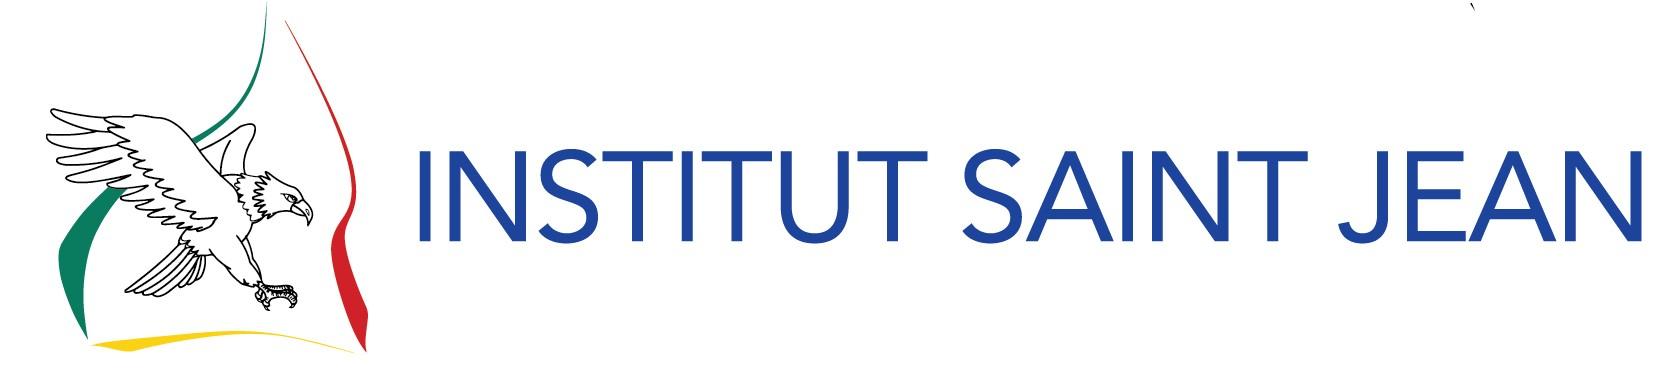 Institut Saint Jean